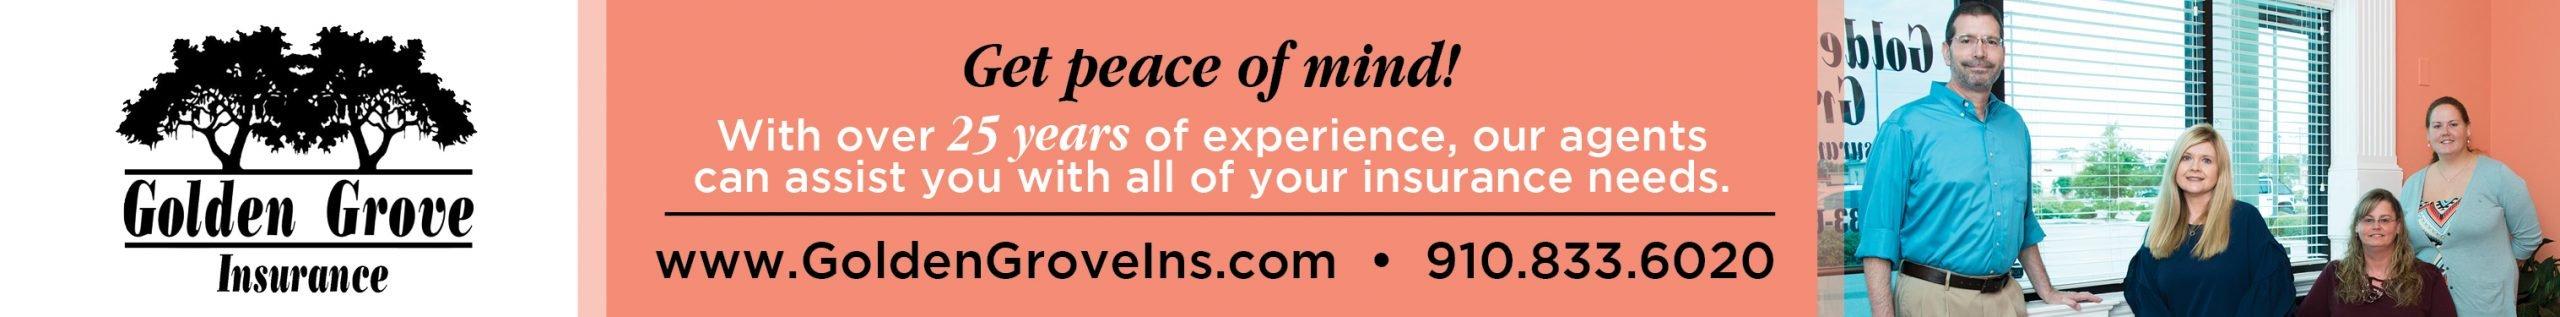 Sponsored by Golden Grove Insurance